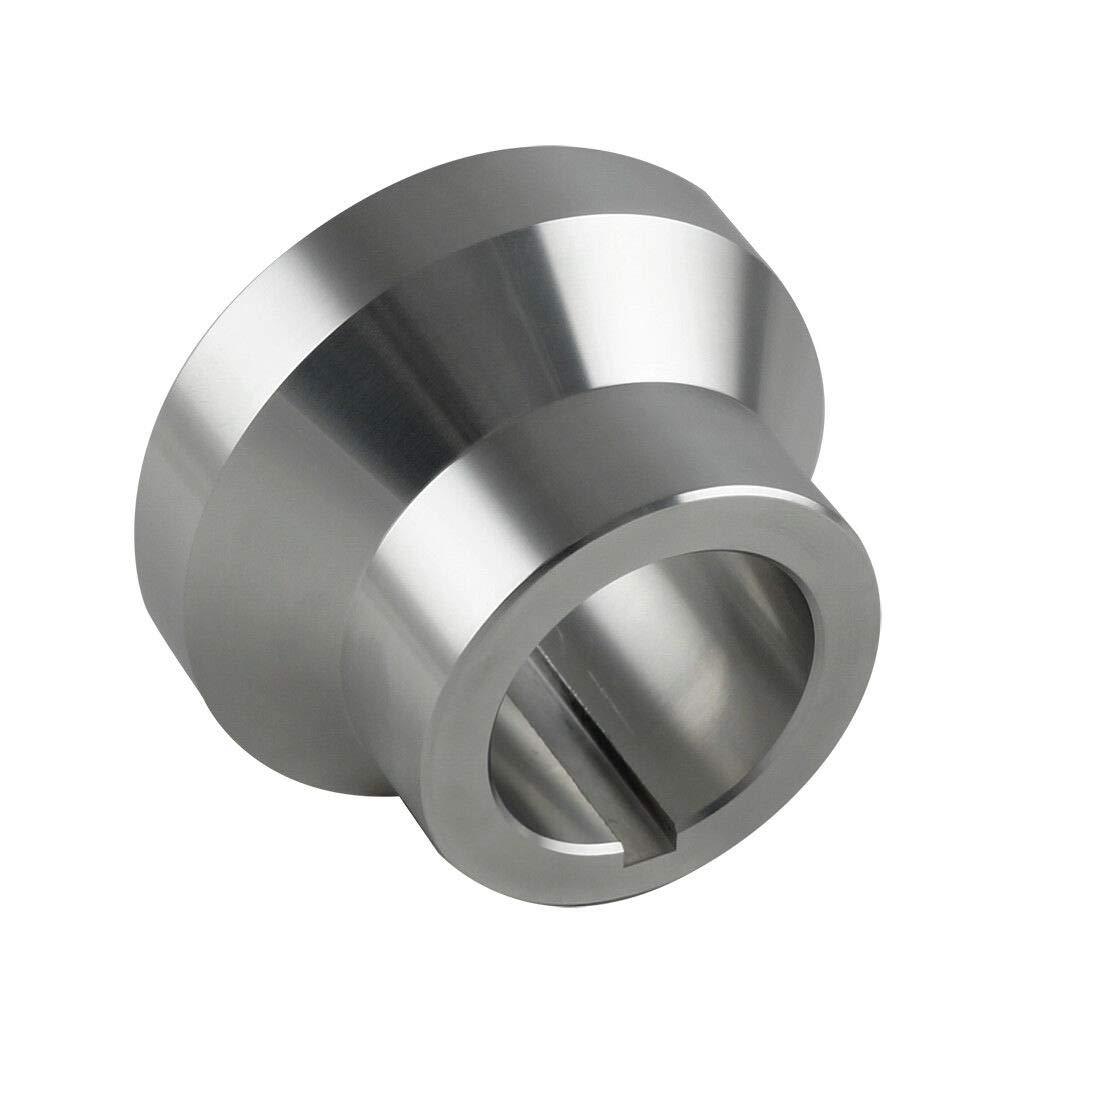 CBM-10452-D CBM LS3, LS7, LS9 Dry Sump Oil Pump Billet Alignment Tool